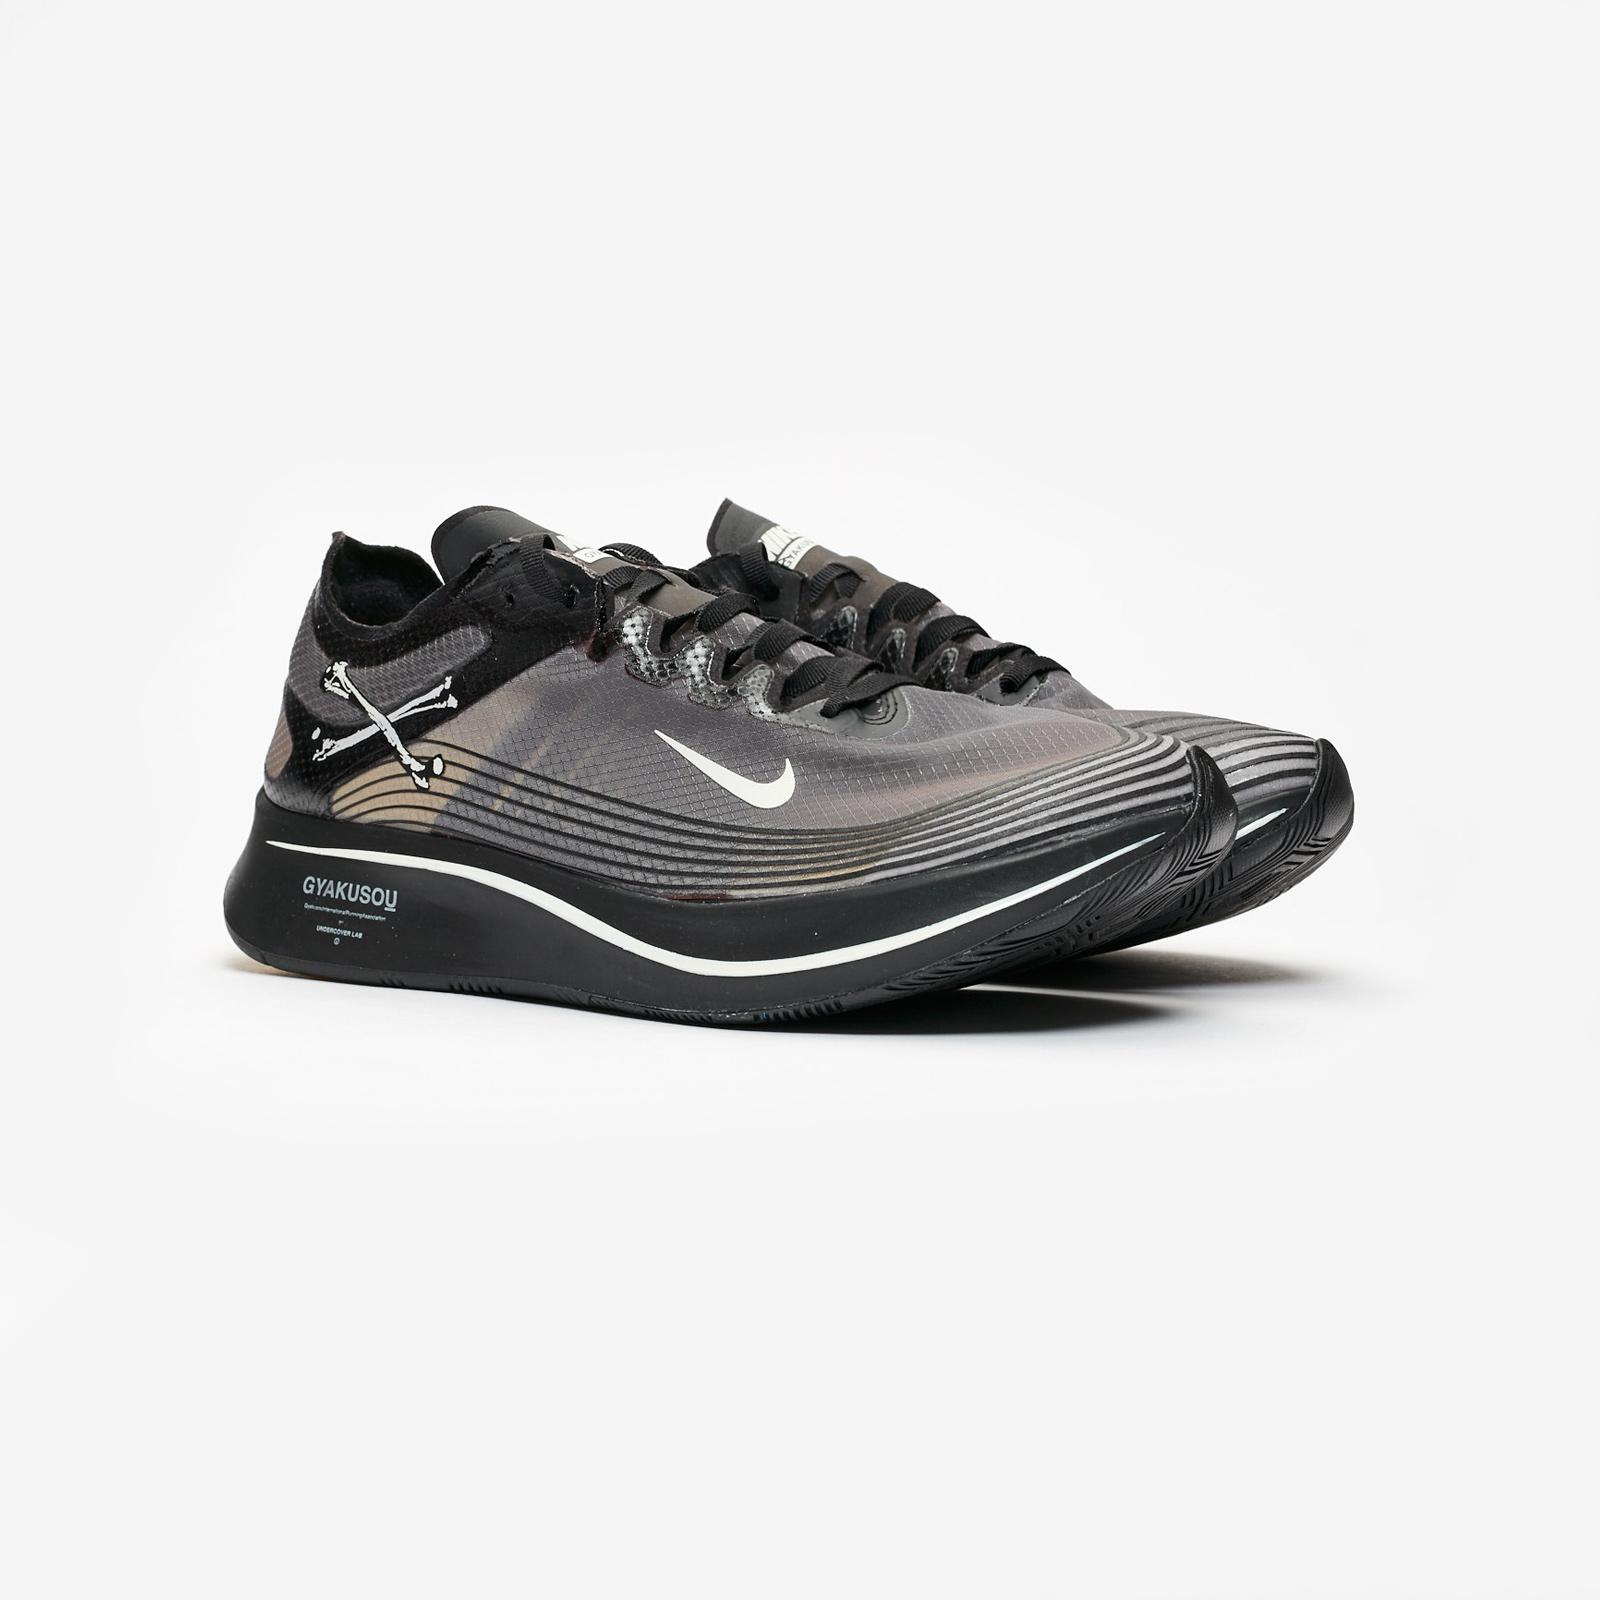 new product c7d55 f5b08 NikeLab Zoom Fly   Gyakusou